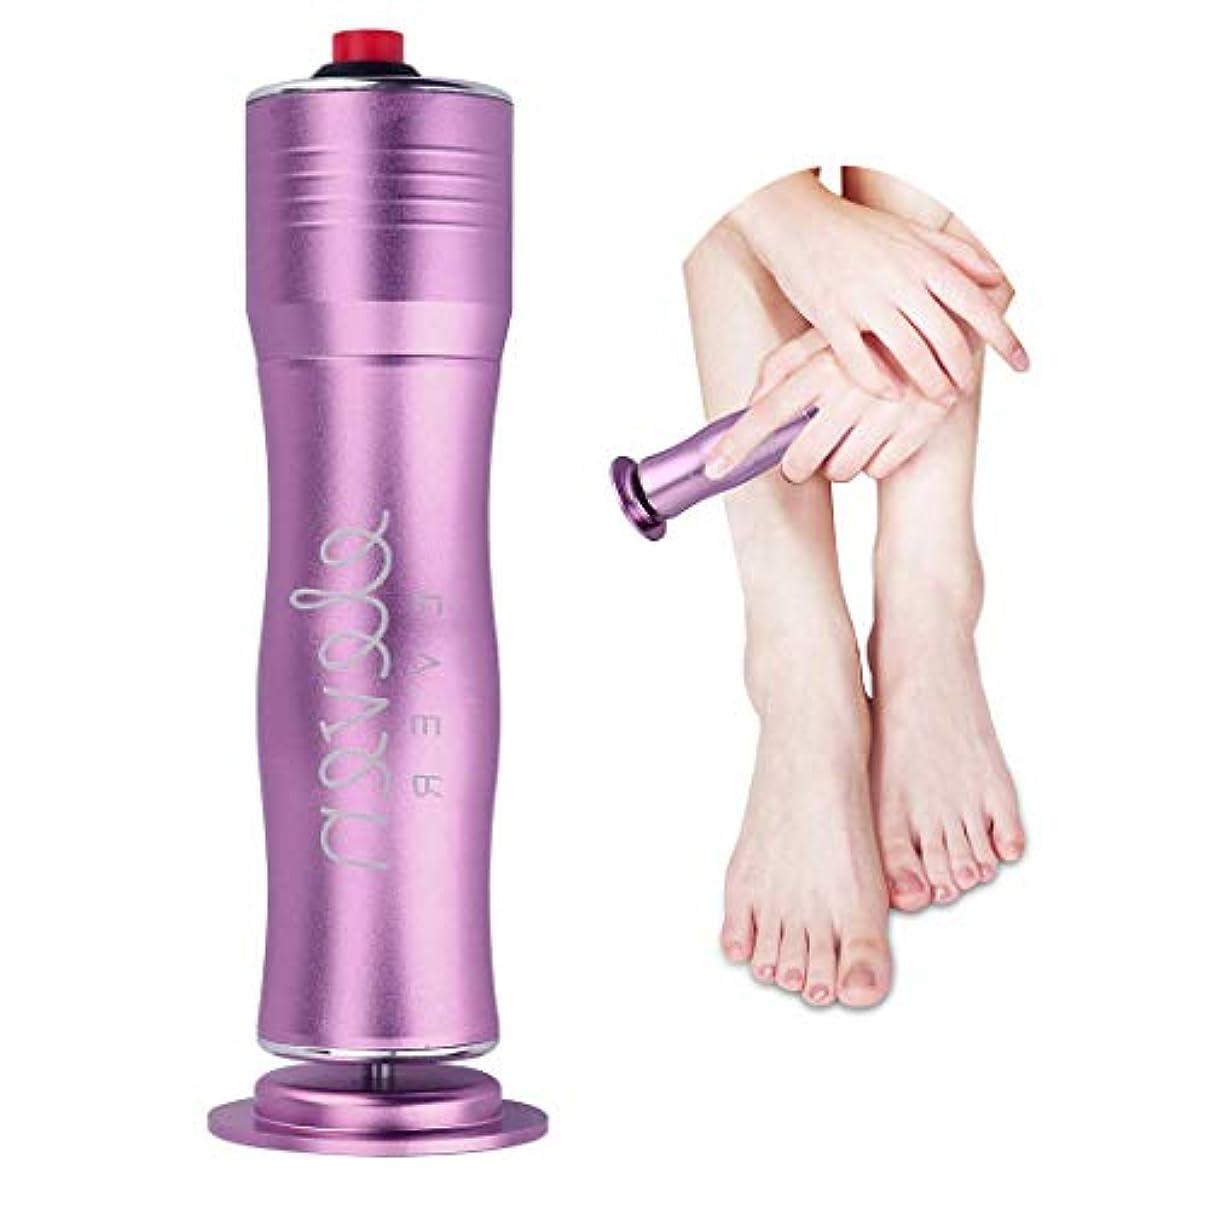 太字小切手知覚的電動角質リムーバー 角質取り スピーディに足の角質を除去可能 速度調節可能 清潔的 衛生的な足部ケア道具 磨足器 ペディキュアマシン 使い捨てのサンドペーパー付き 男女兼用